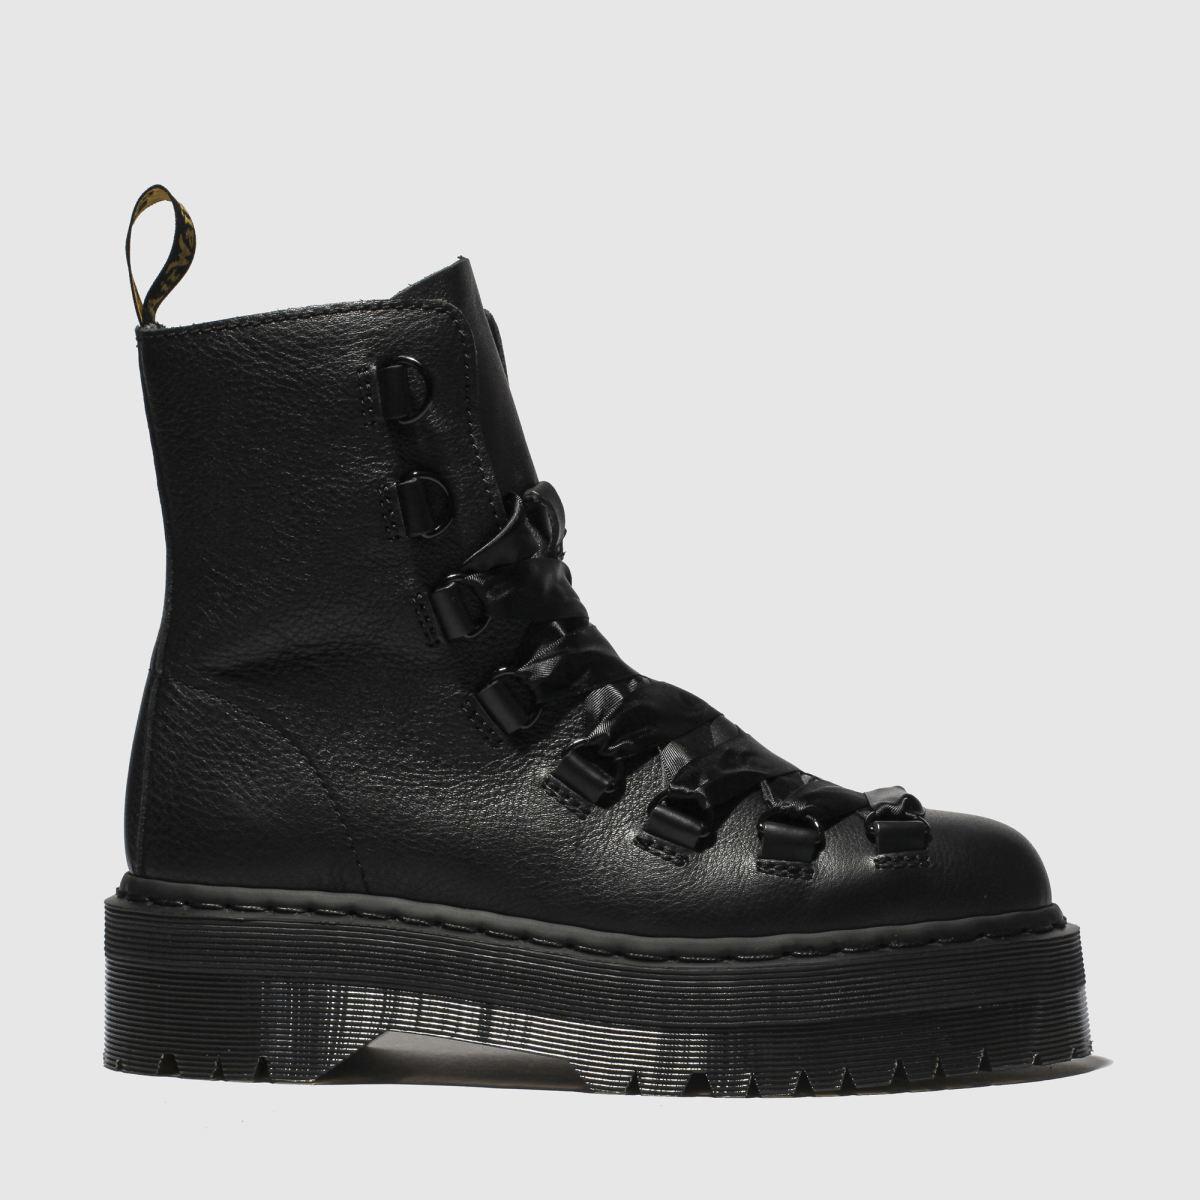 Dr Martens Black Trevonna Boots